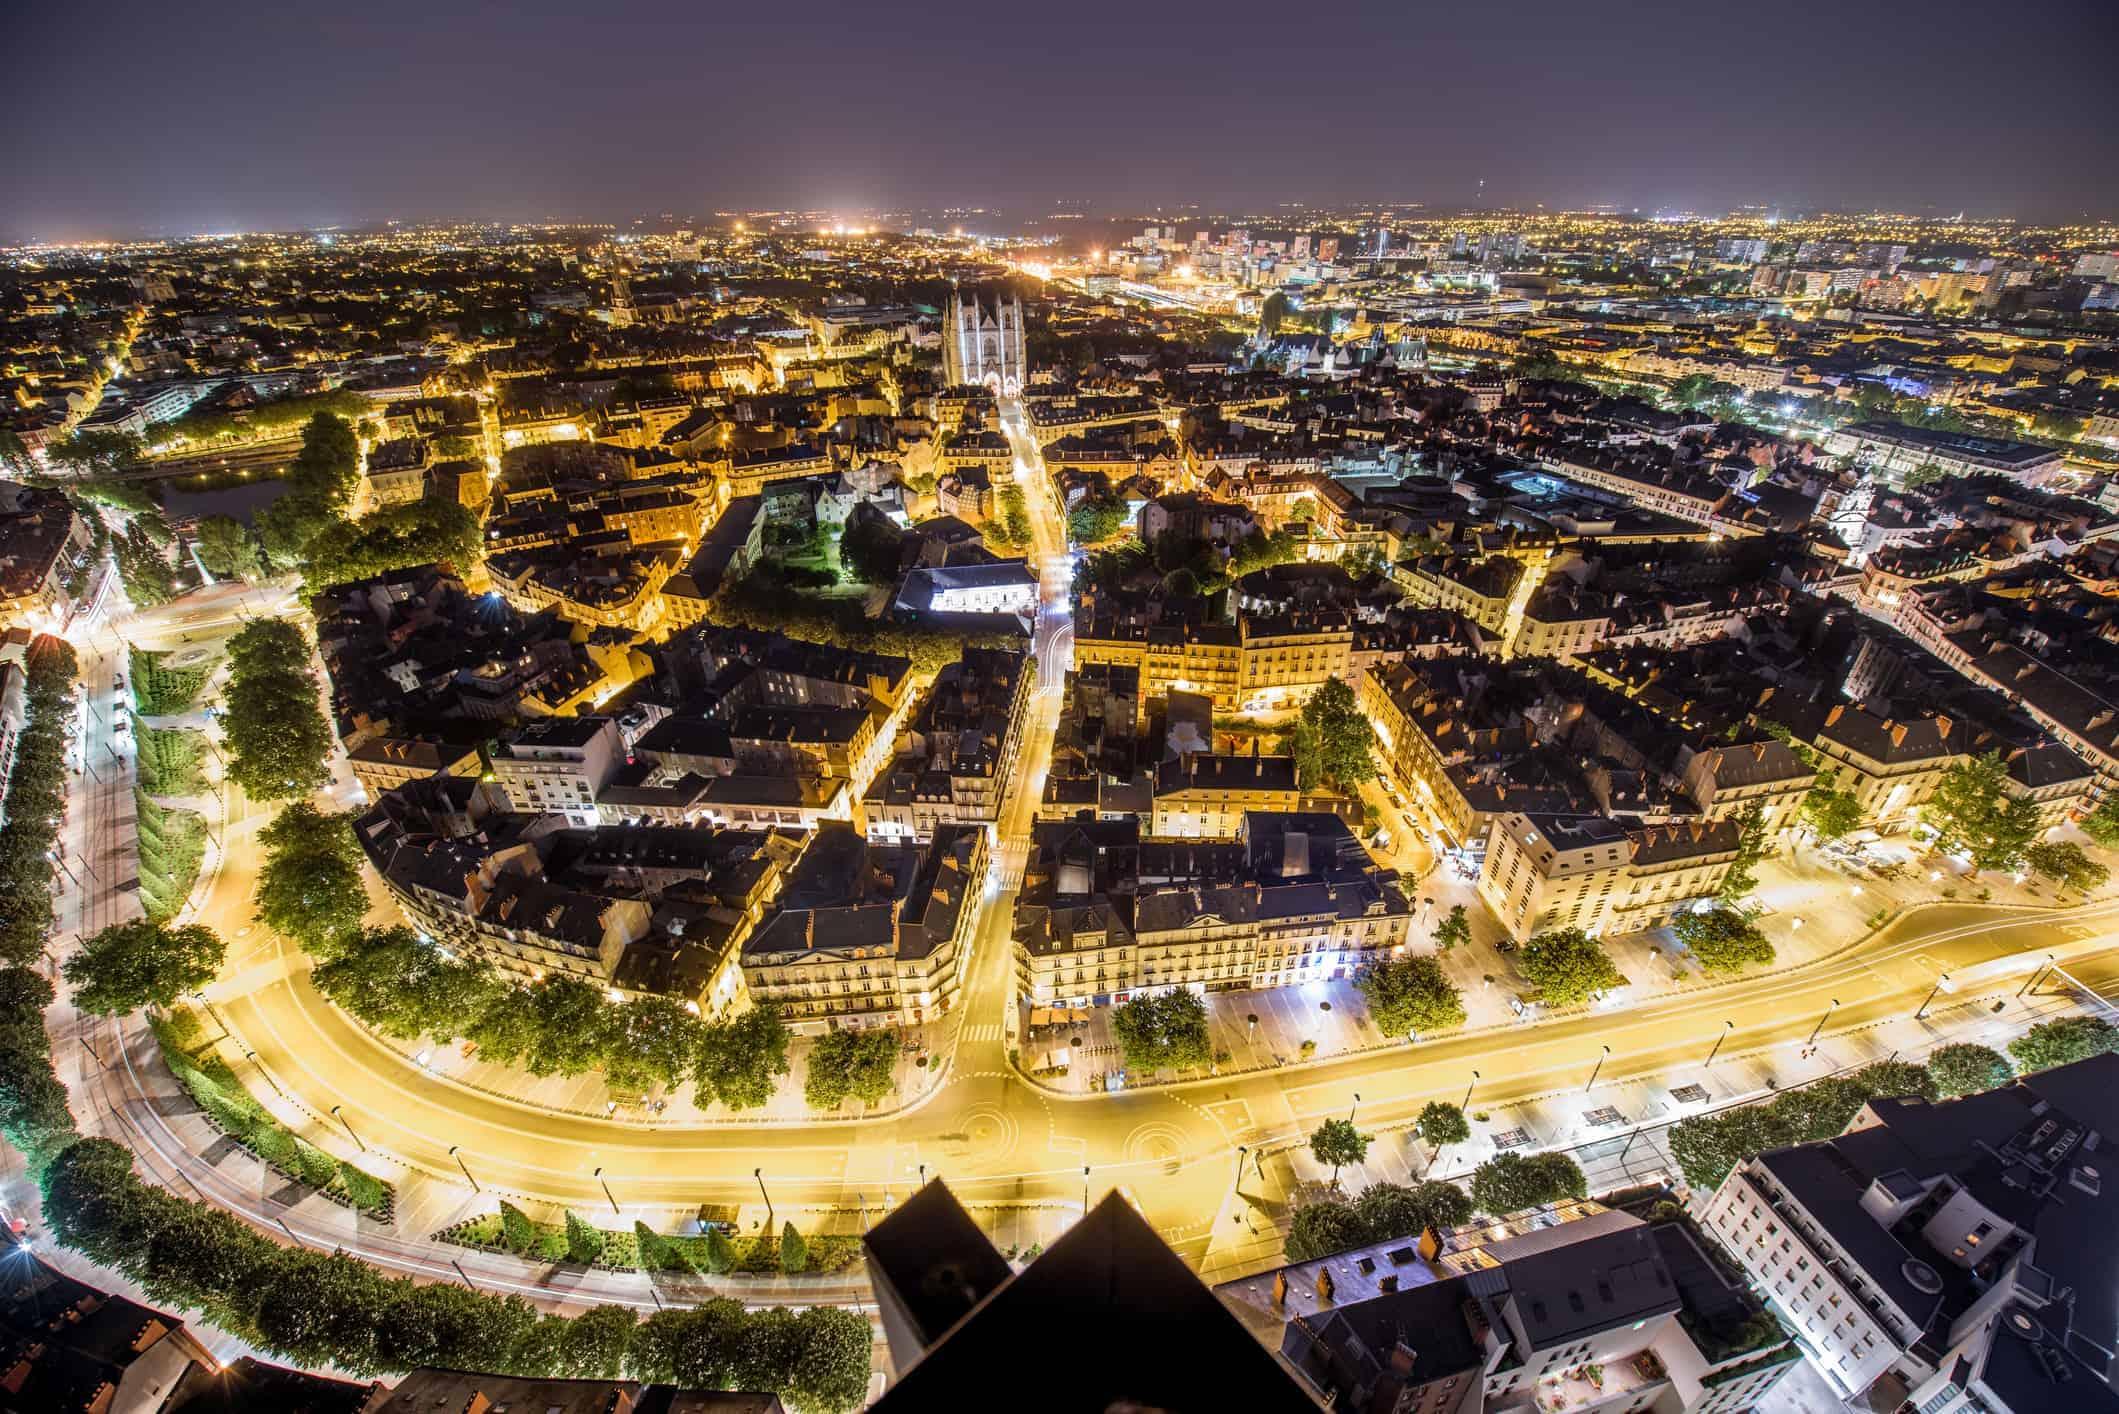 Appartement Avec Jardin Nantes 7 programmes immobiliers neufs à nantes pour 2020 - les